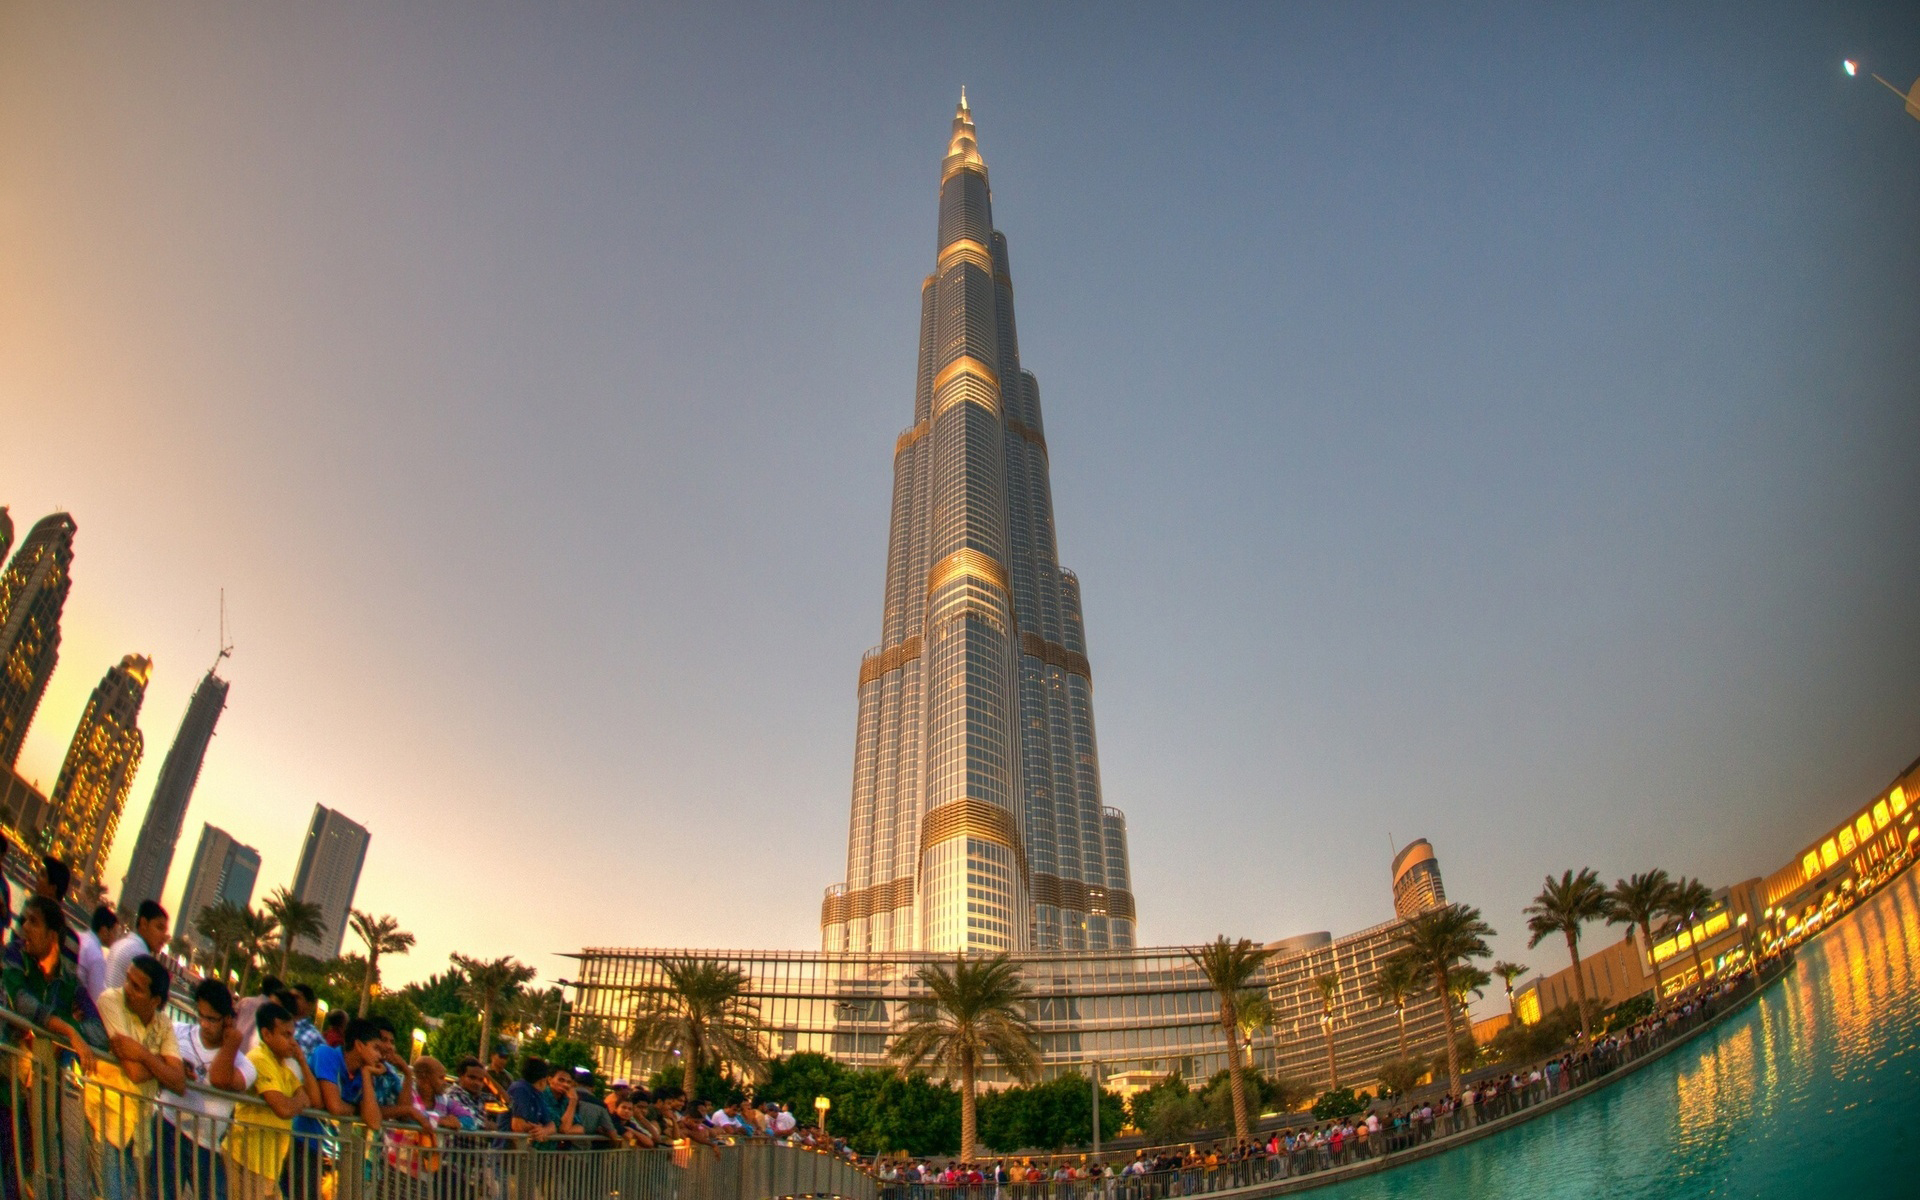 Burj khalifa desktop clipart.